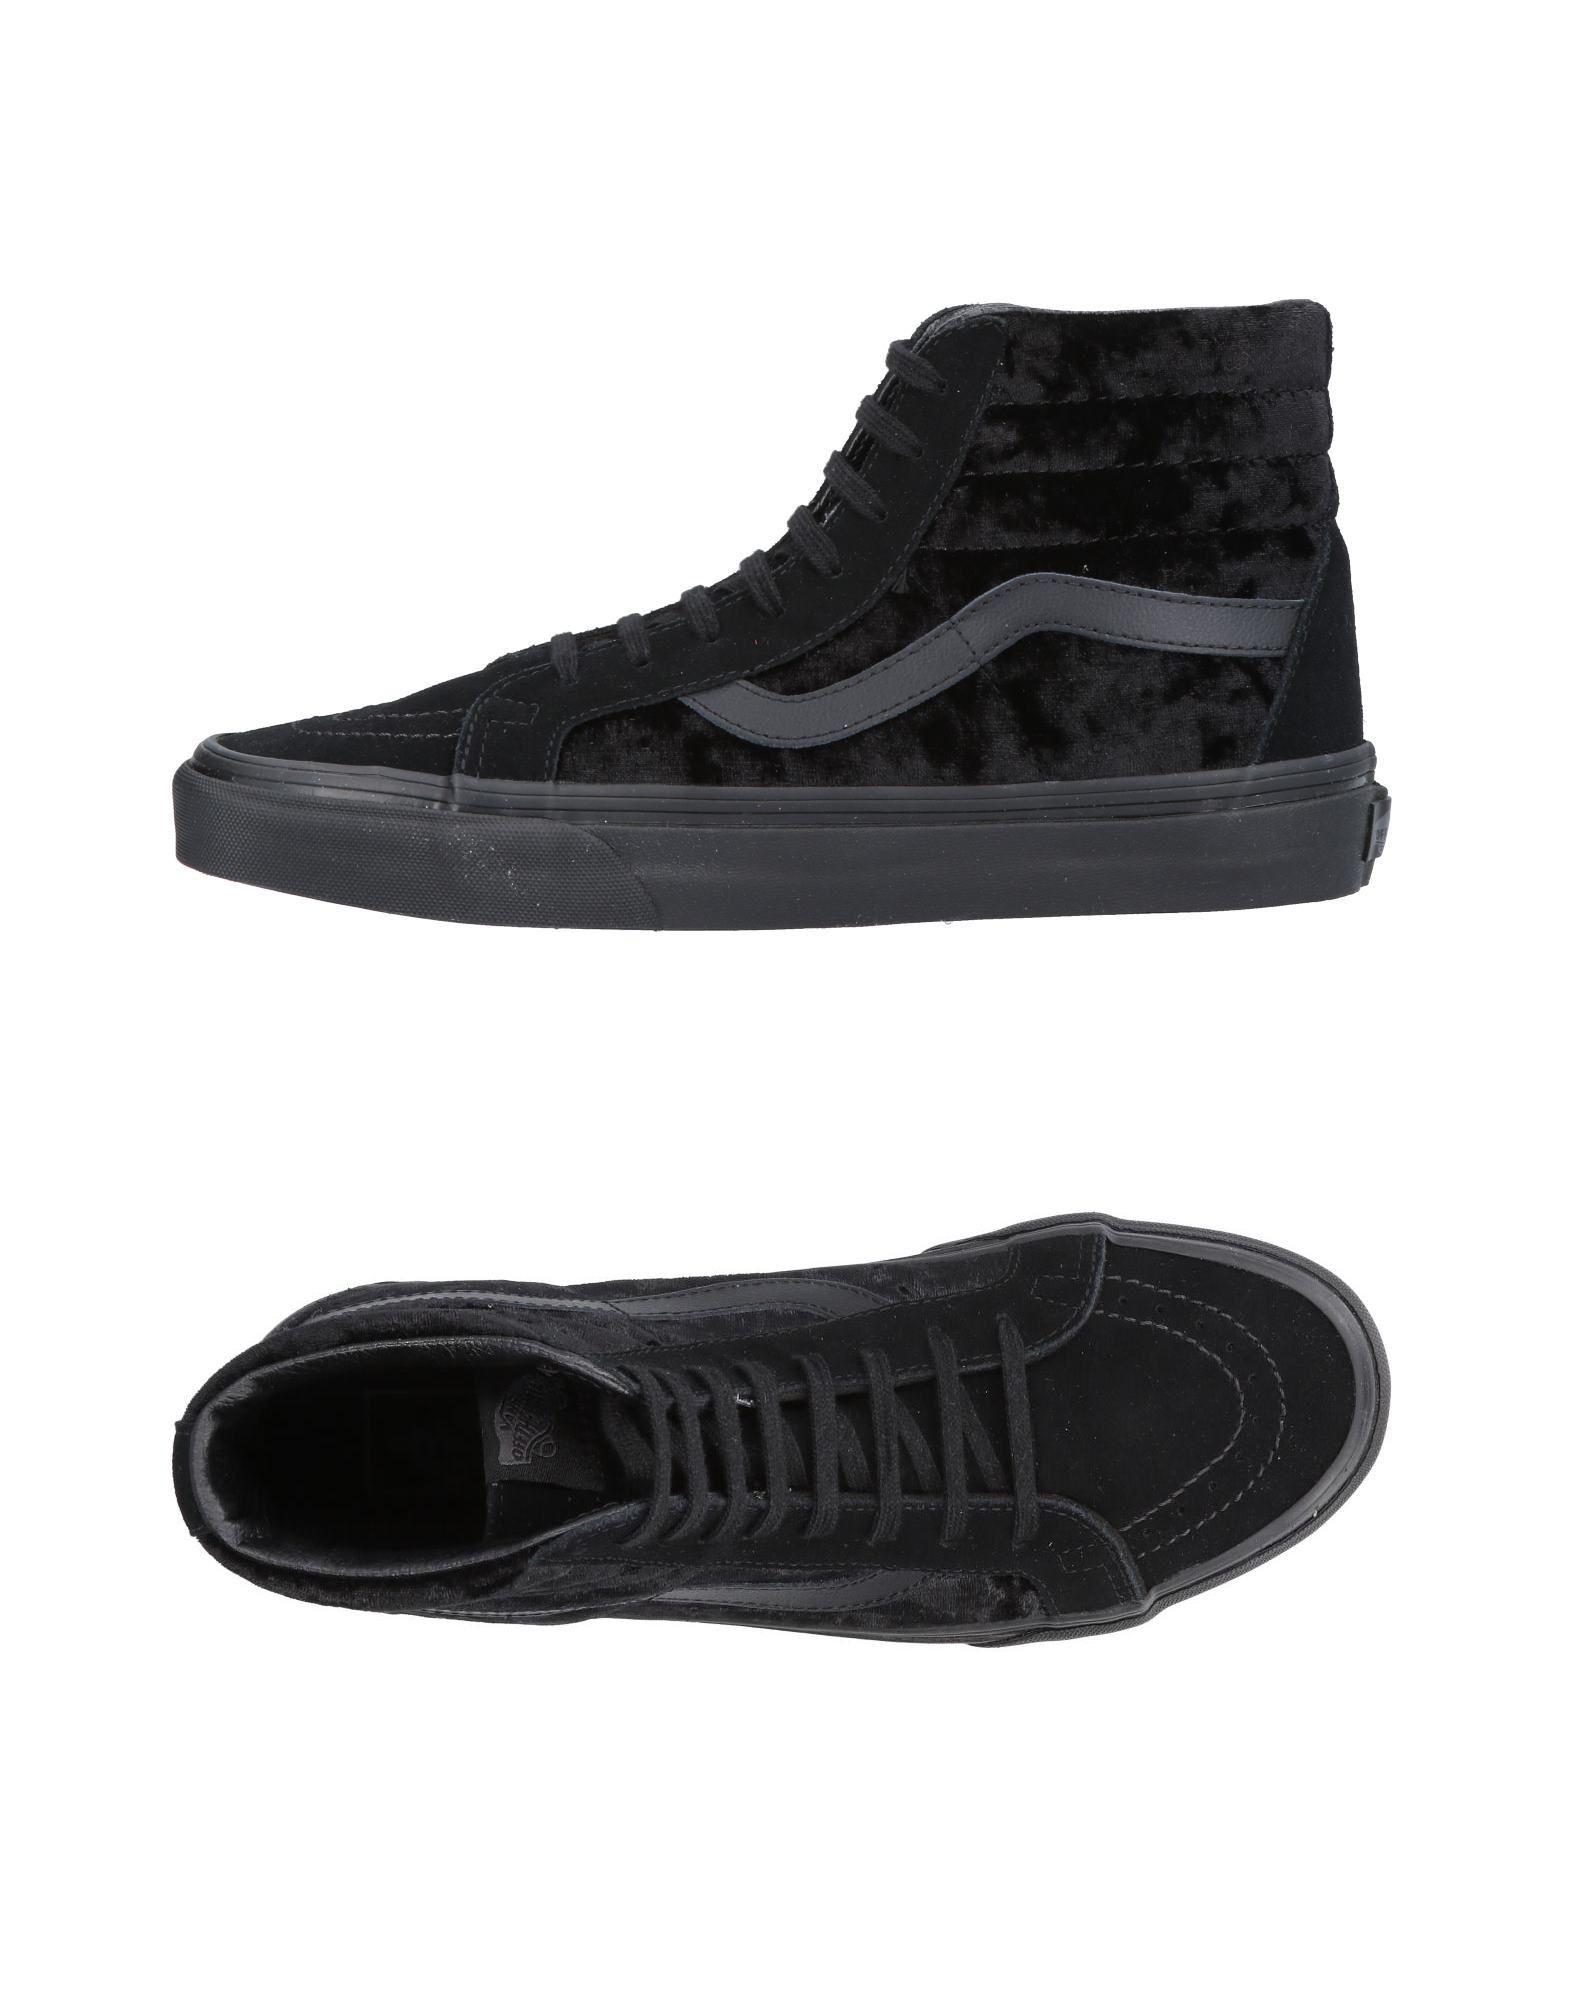 Rabatt Schuhe echte Schuhe Rabatt Vans Sneakers Herren  11467641SF de934c